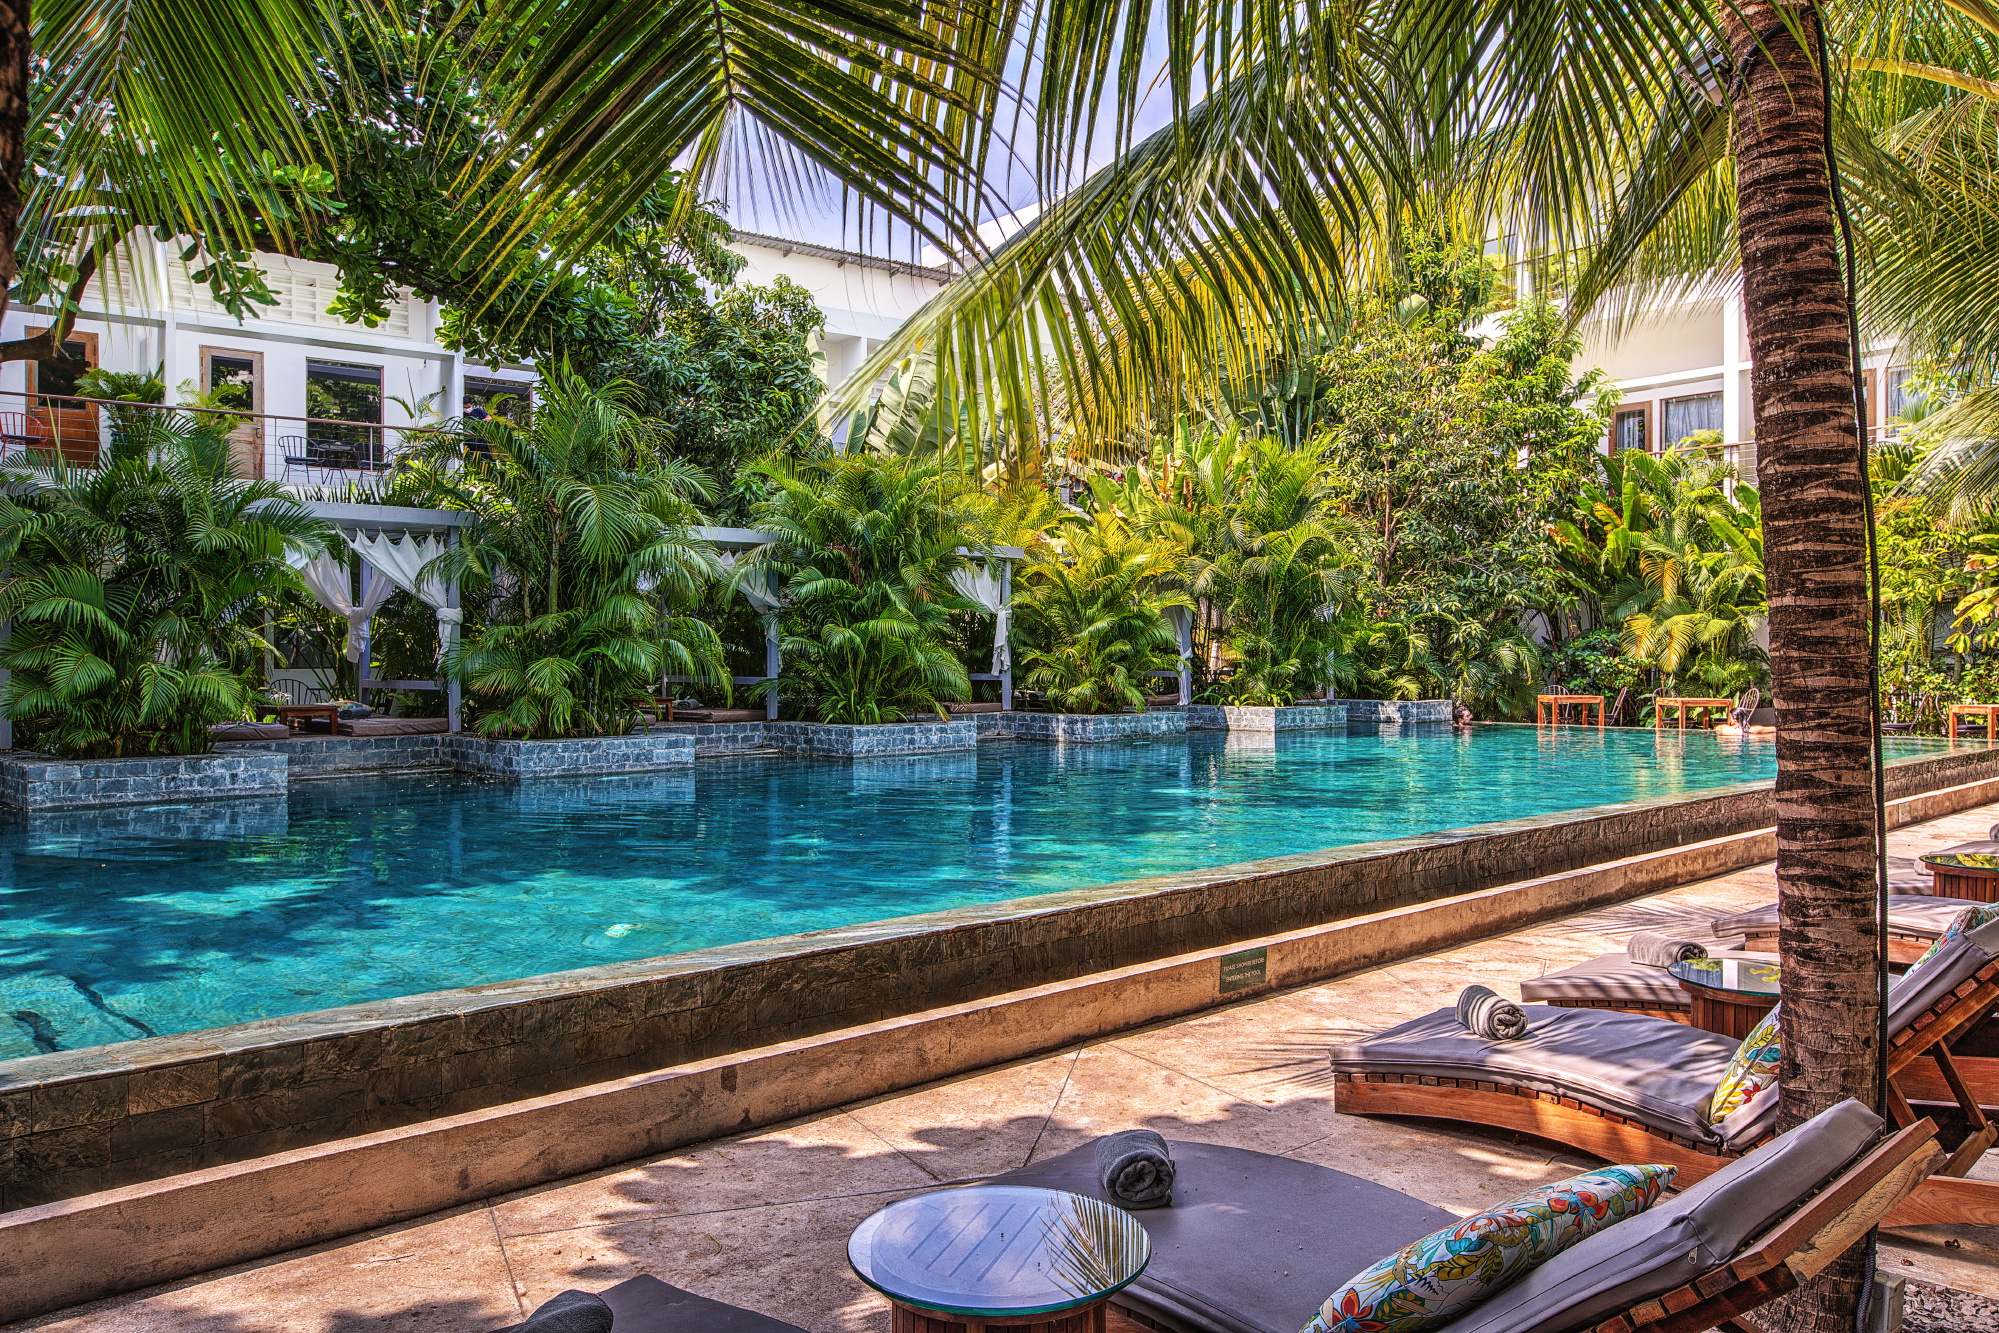 cambodia_gorov-0257_58_59_60_61